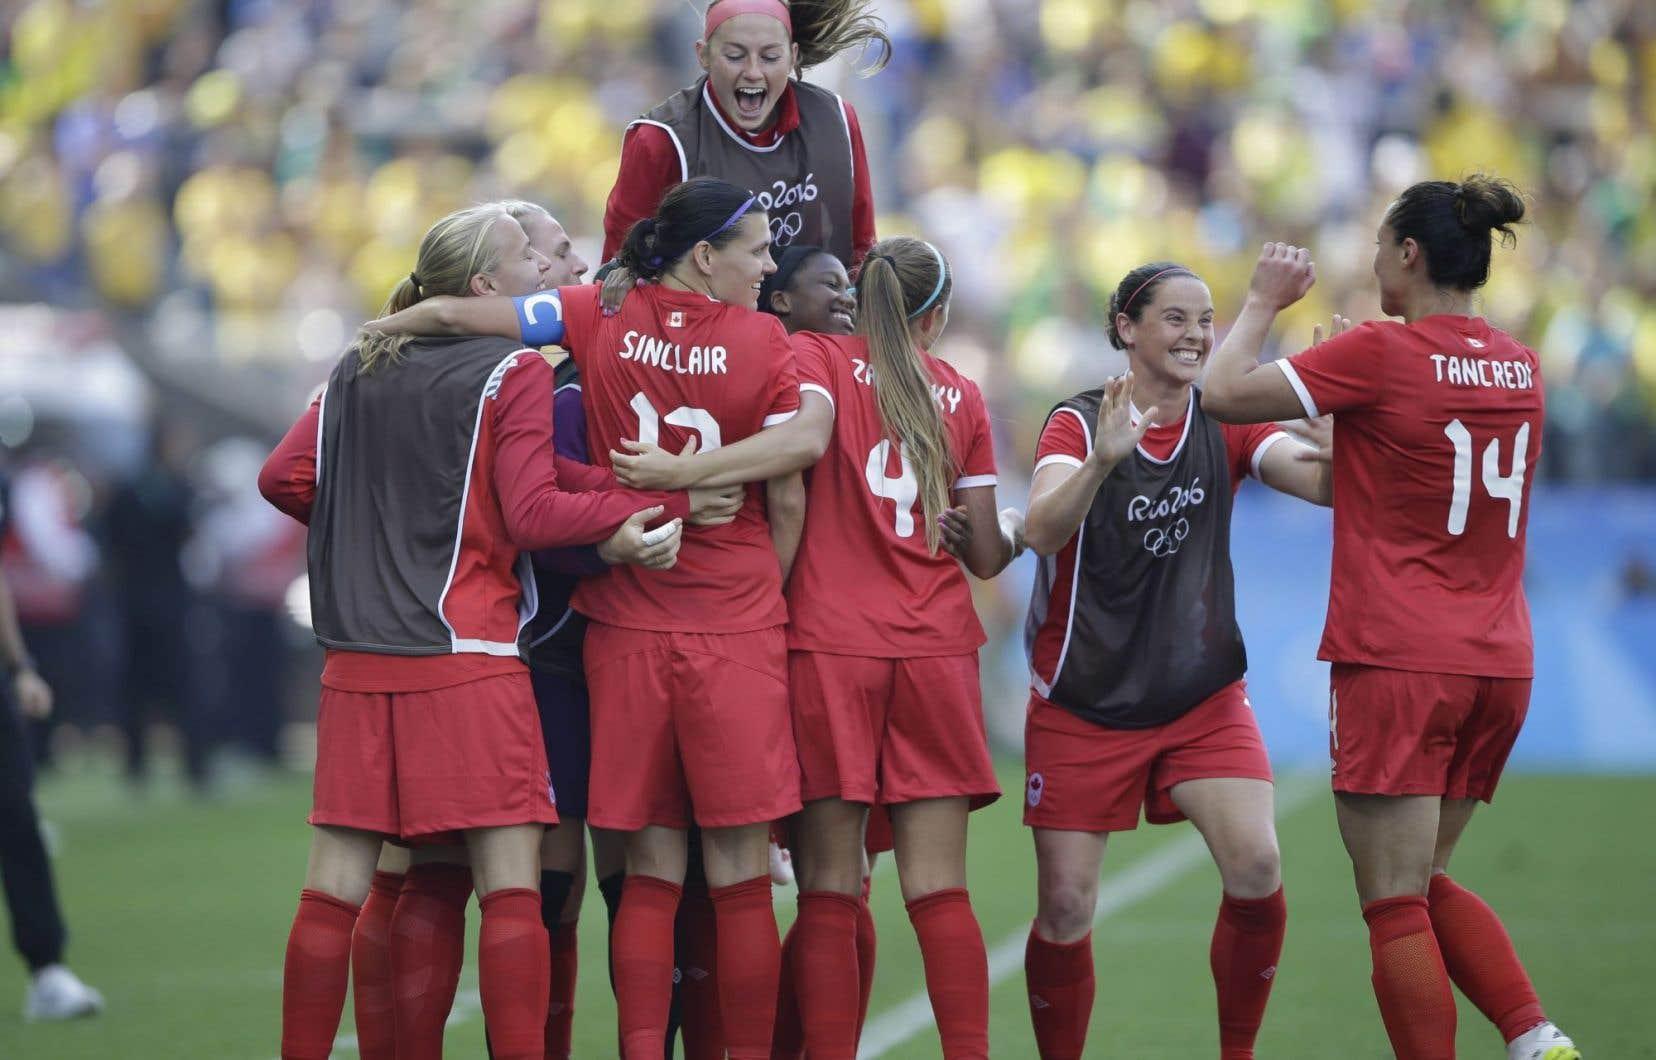 Les Canadiennes célèbrent leur victoire contre le Brésil qui leur a valu la médaille de bronze, vendredi, à Rio.